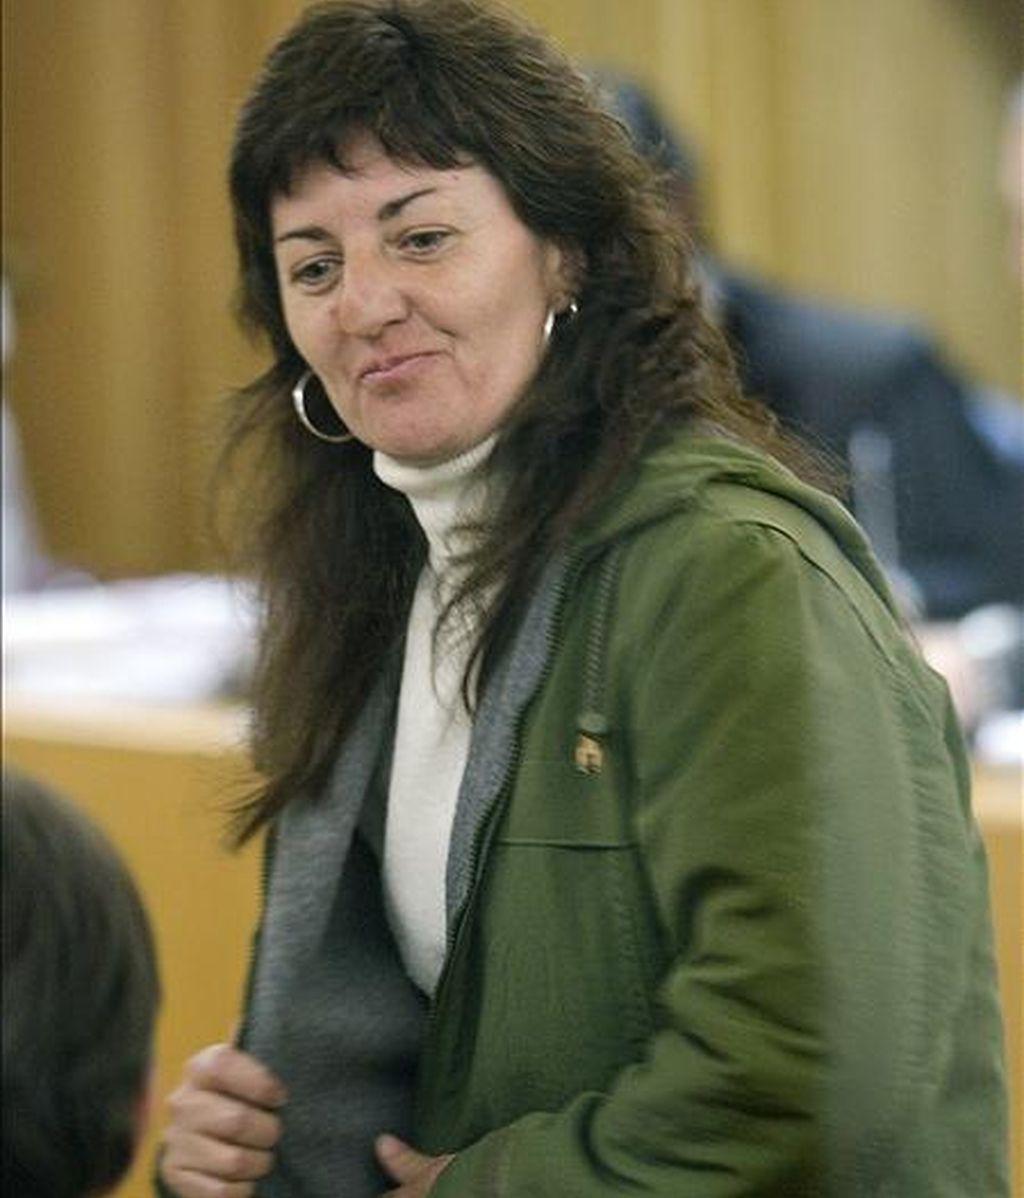 La miembro de los GRAPO María de los Angeles Ruíz, durante el juicio celebrado hoy en la Audiencia Nacional, en el que el fiscal pide siete años de cárcel para ella por el atraco a un furgón blindado en Barcelona, el 23 de septiembre de 2000. EFE